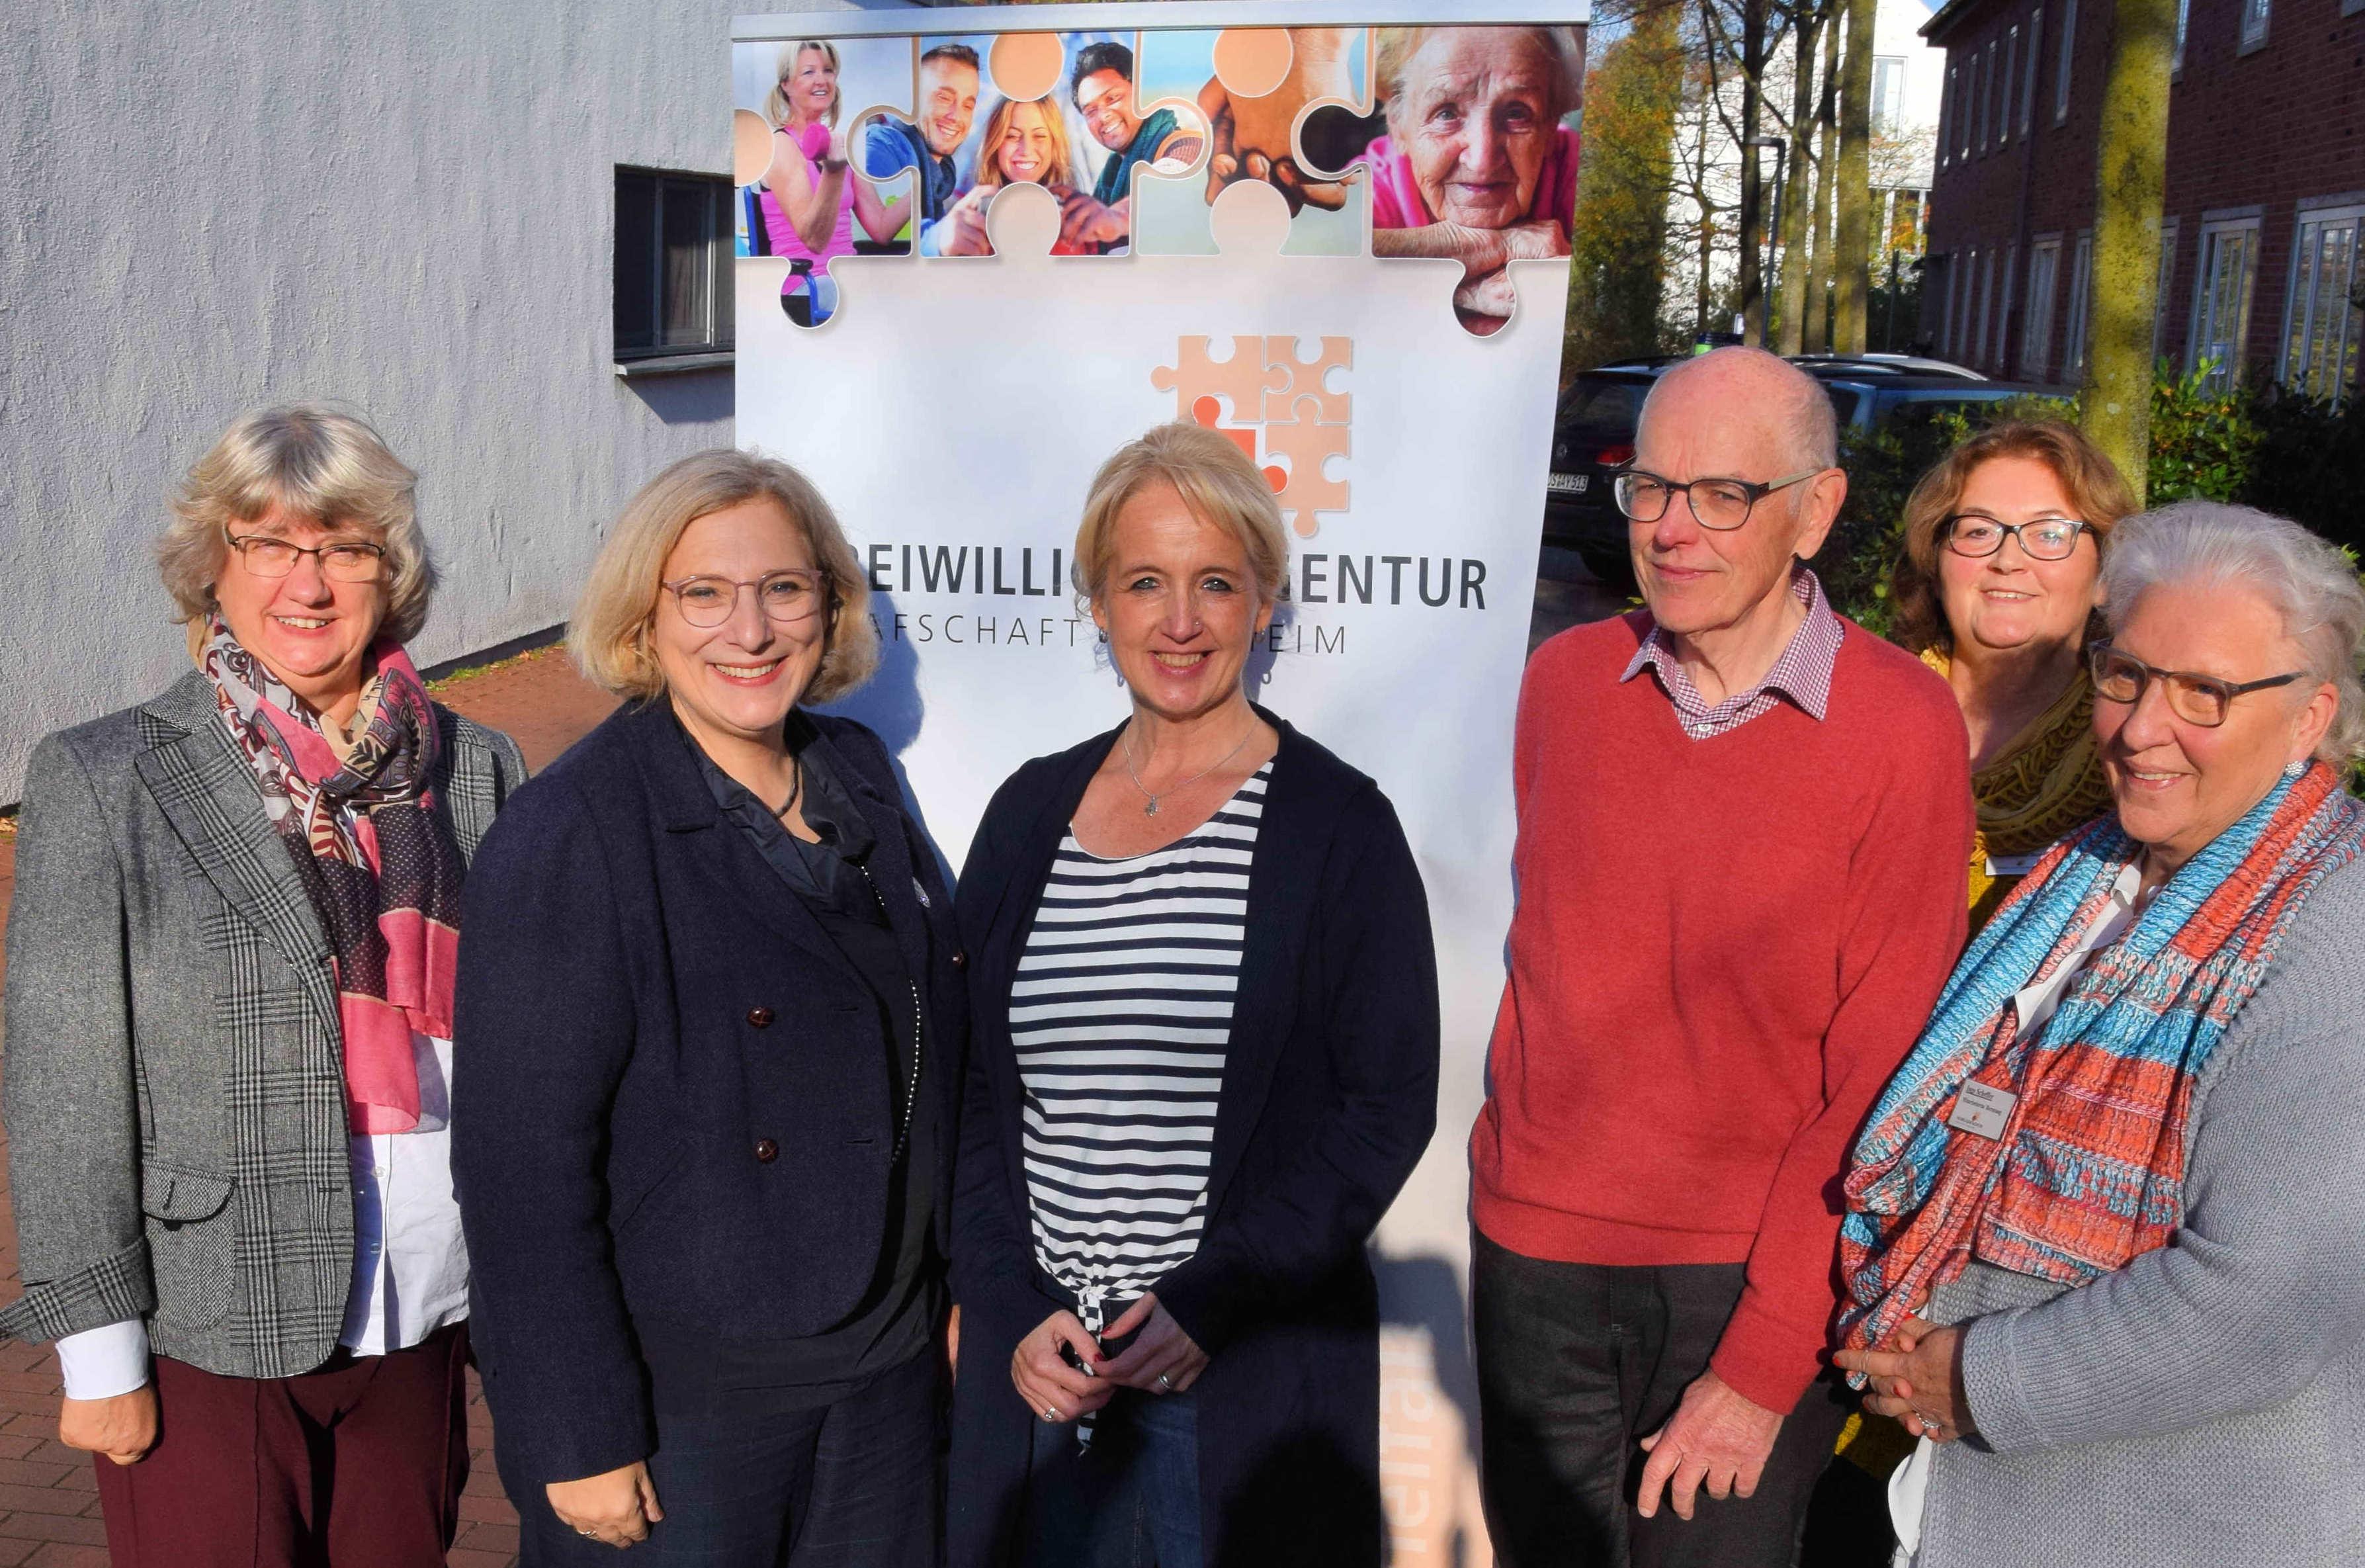 V.l.n.r.: Ingrid Thole, Dr. Daniela De Ridder, Erika Geerdes, Hermann Brandt, Gerda Eilers, Inge Scheffer